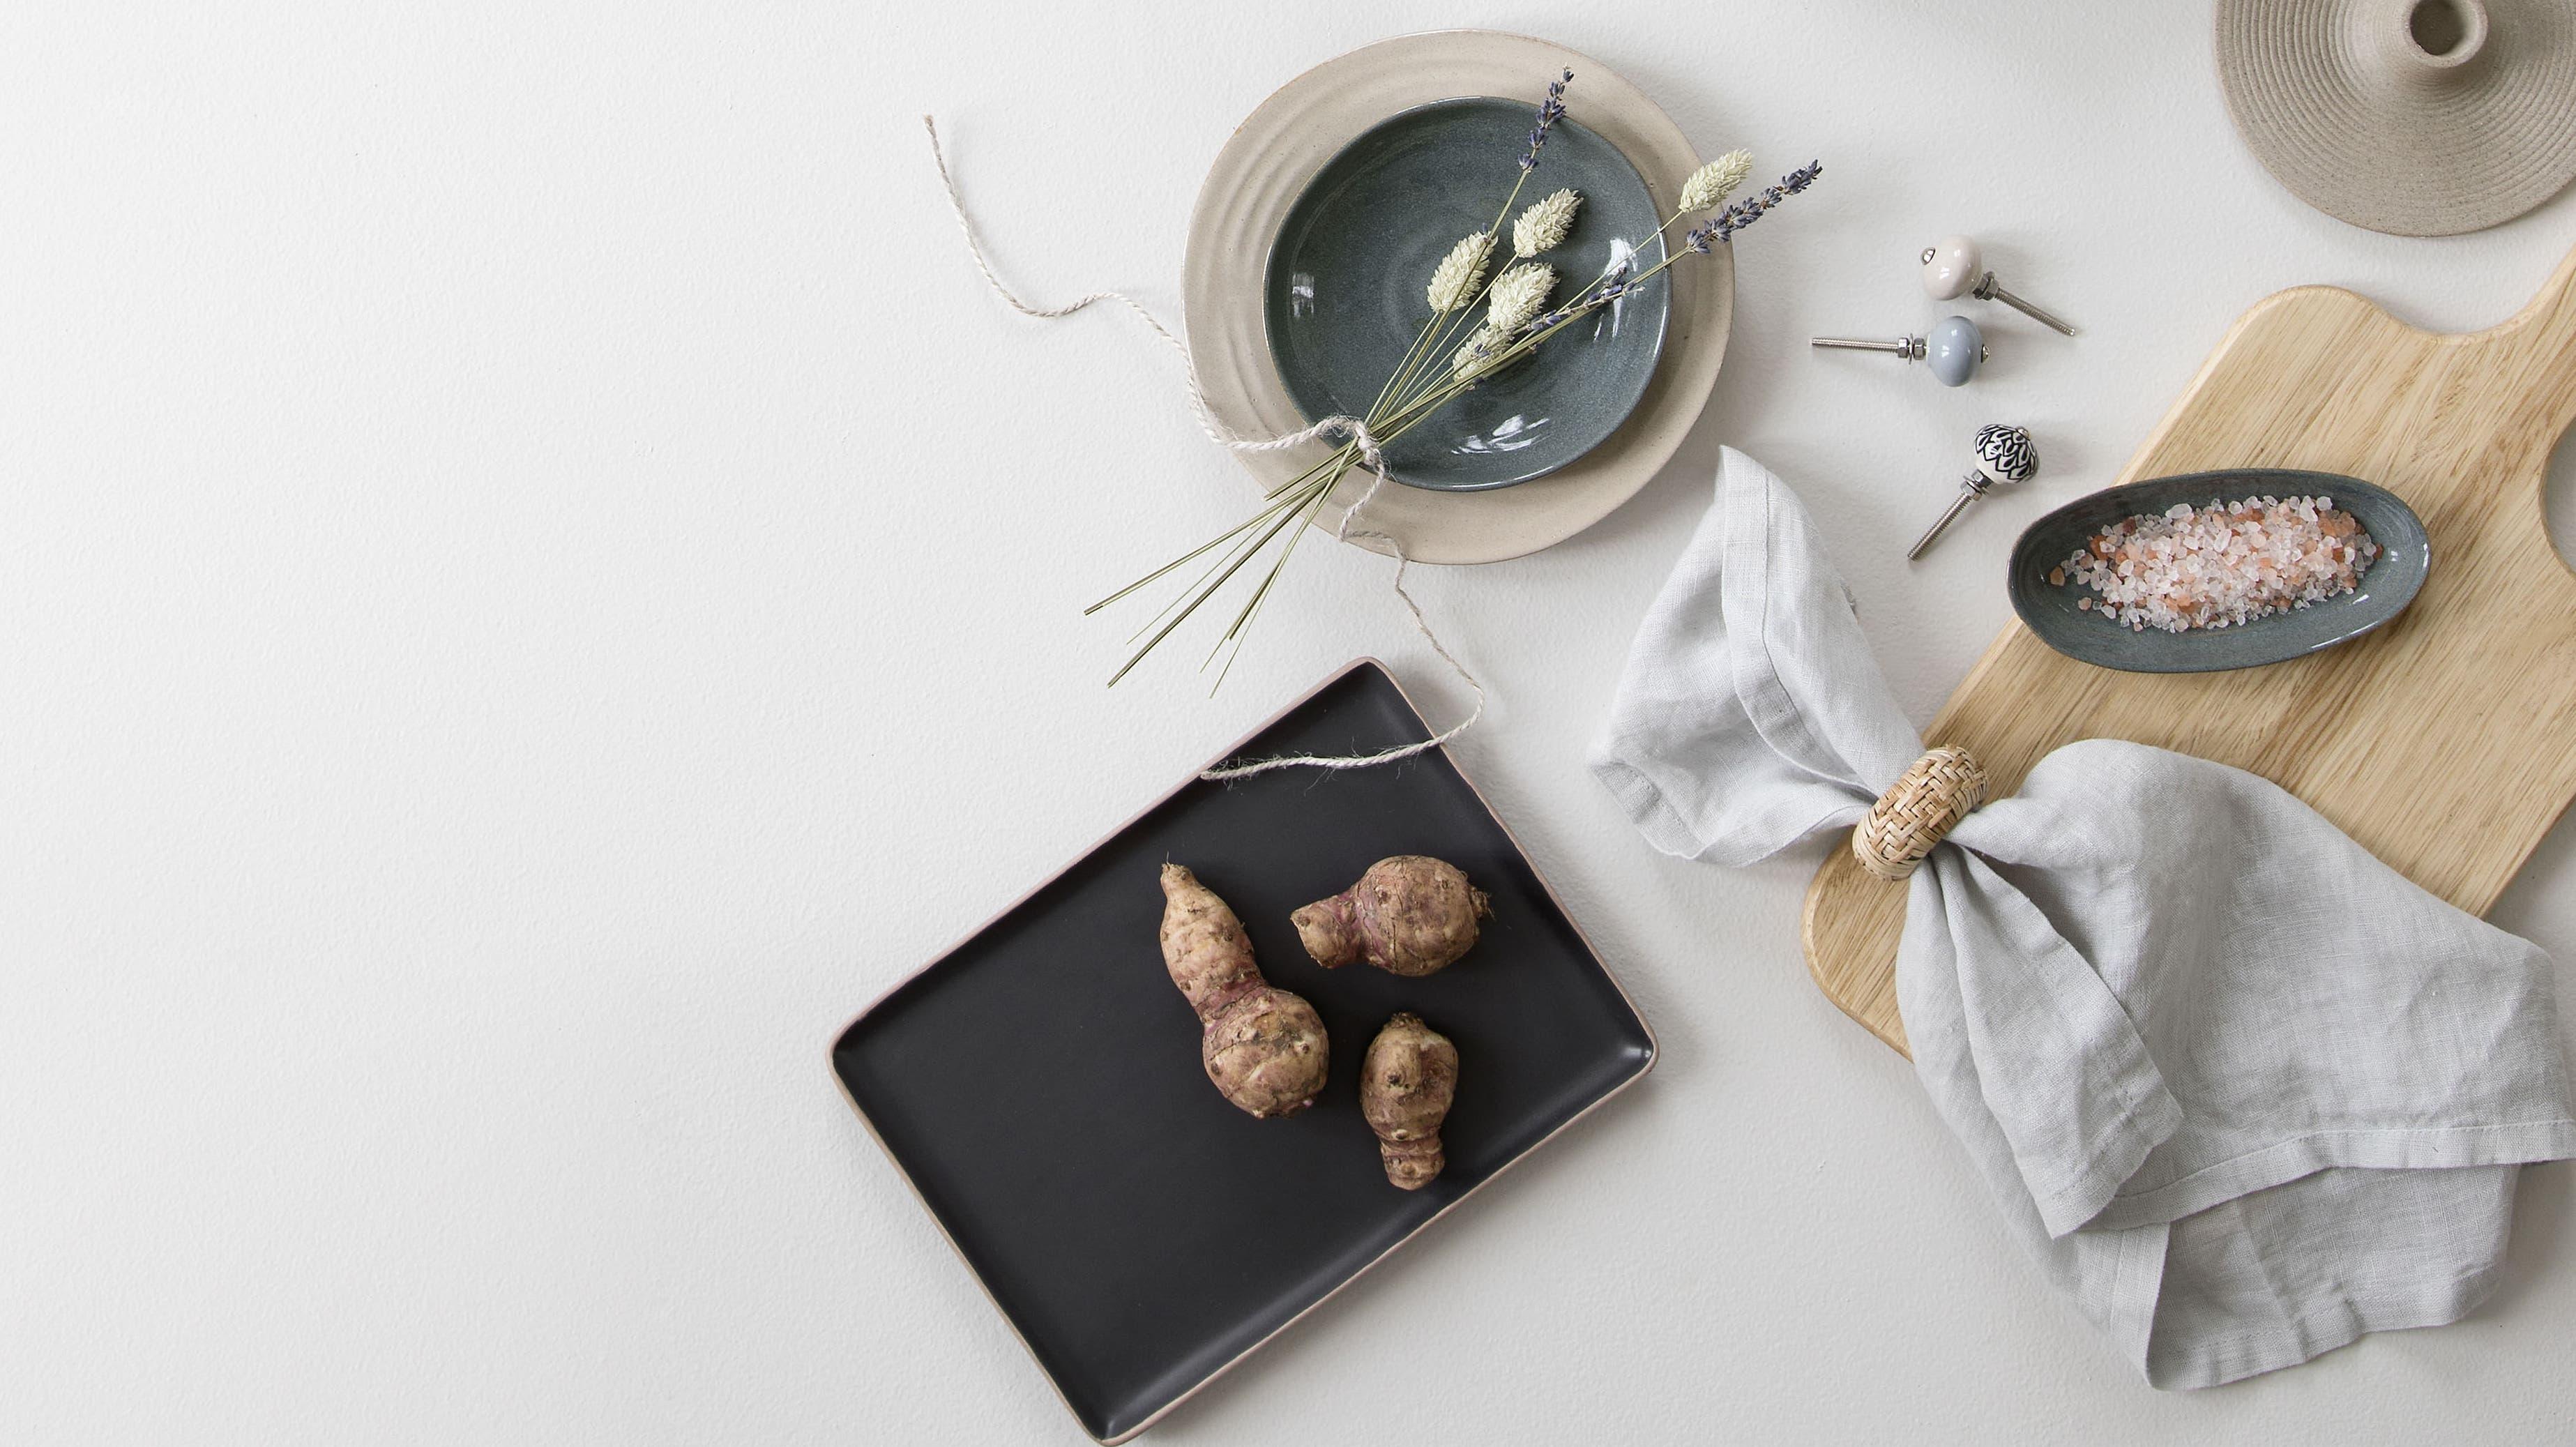 Das dänische Label Søstrene Grene ist für seine reduzierten Formen bekannt. Auch hier: nichts Plastik, alles Natur. Bild: zvg